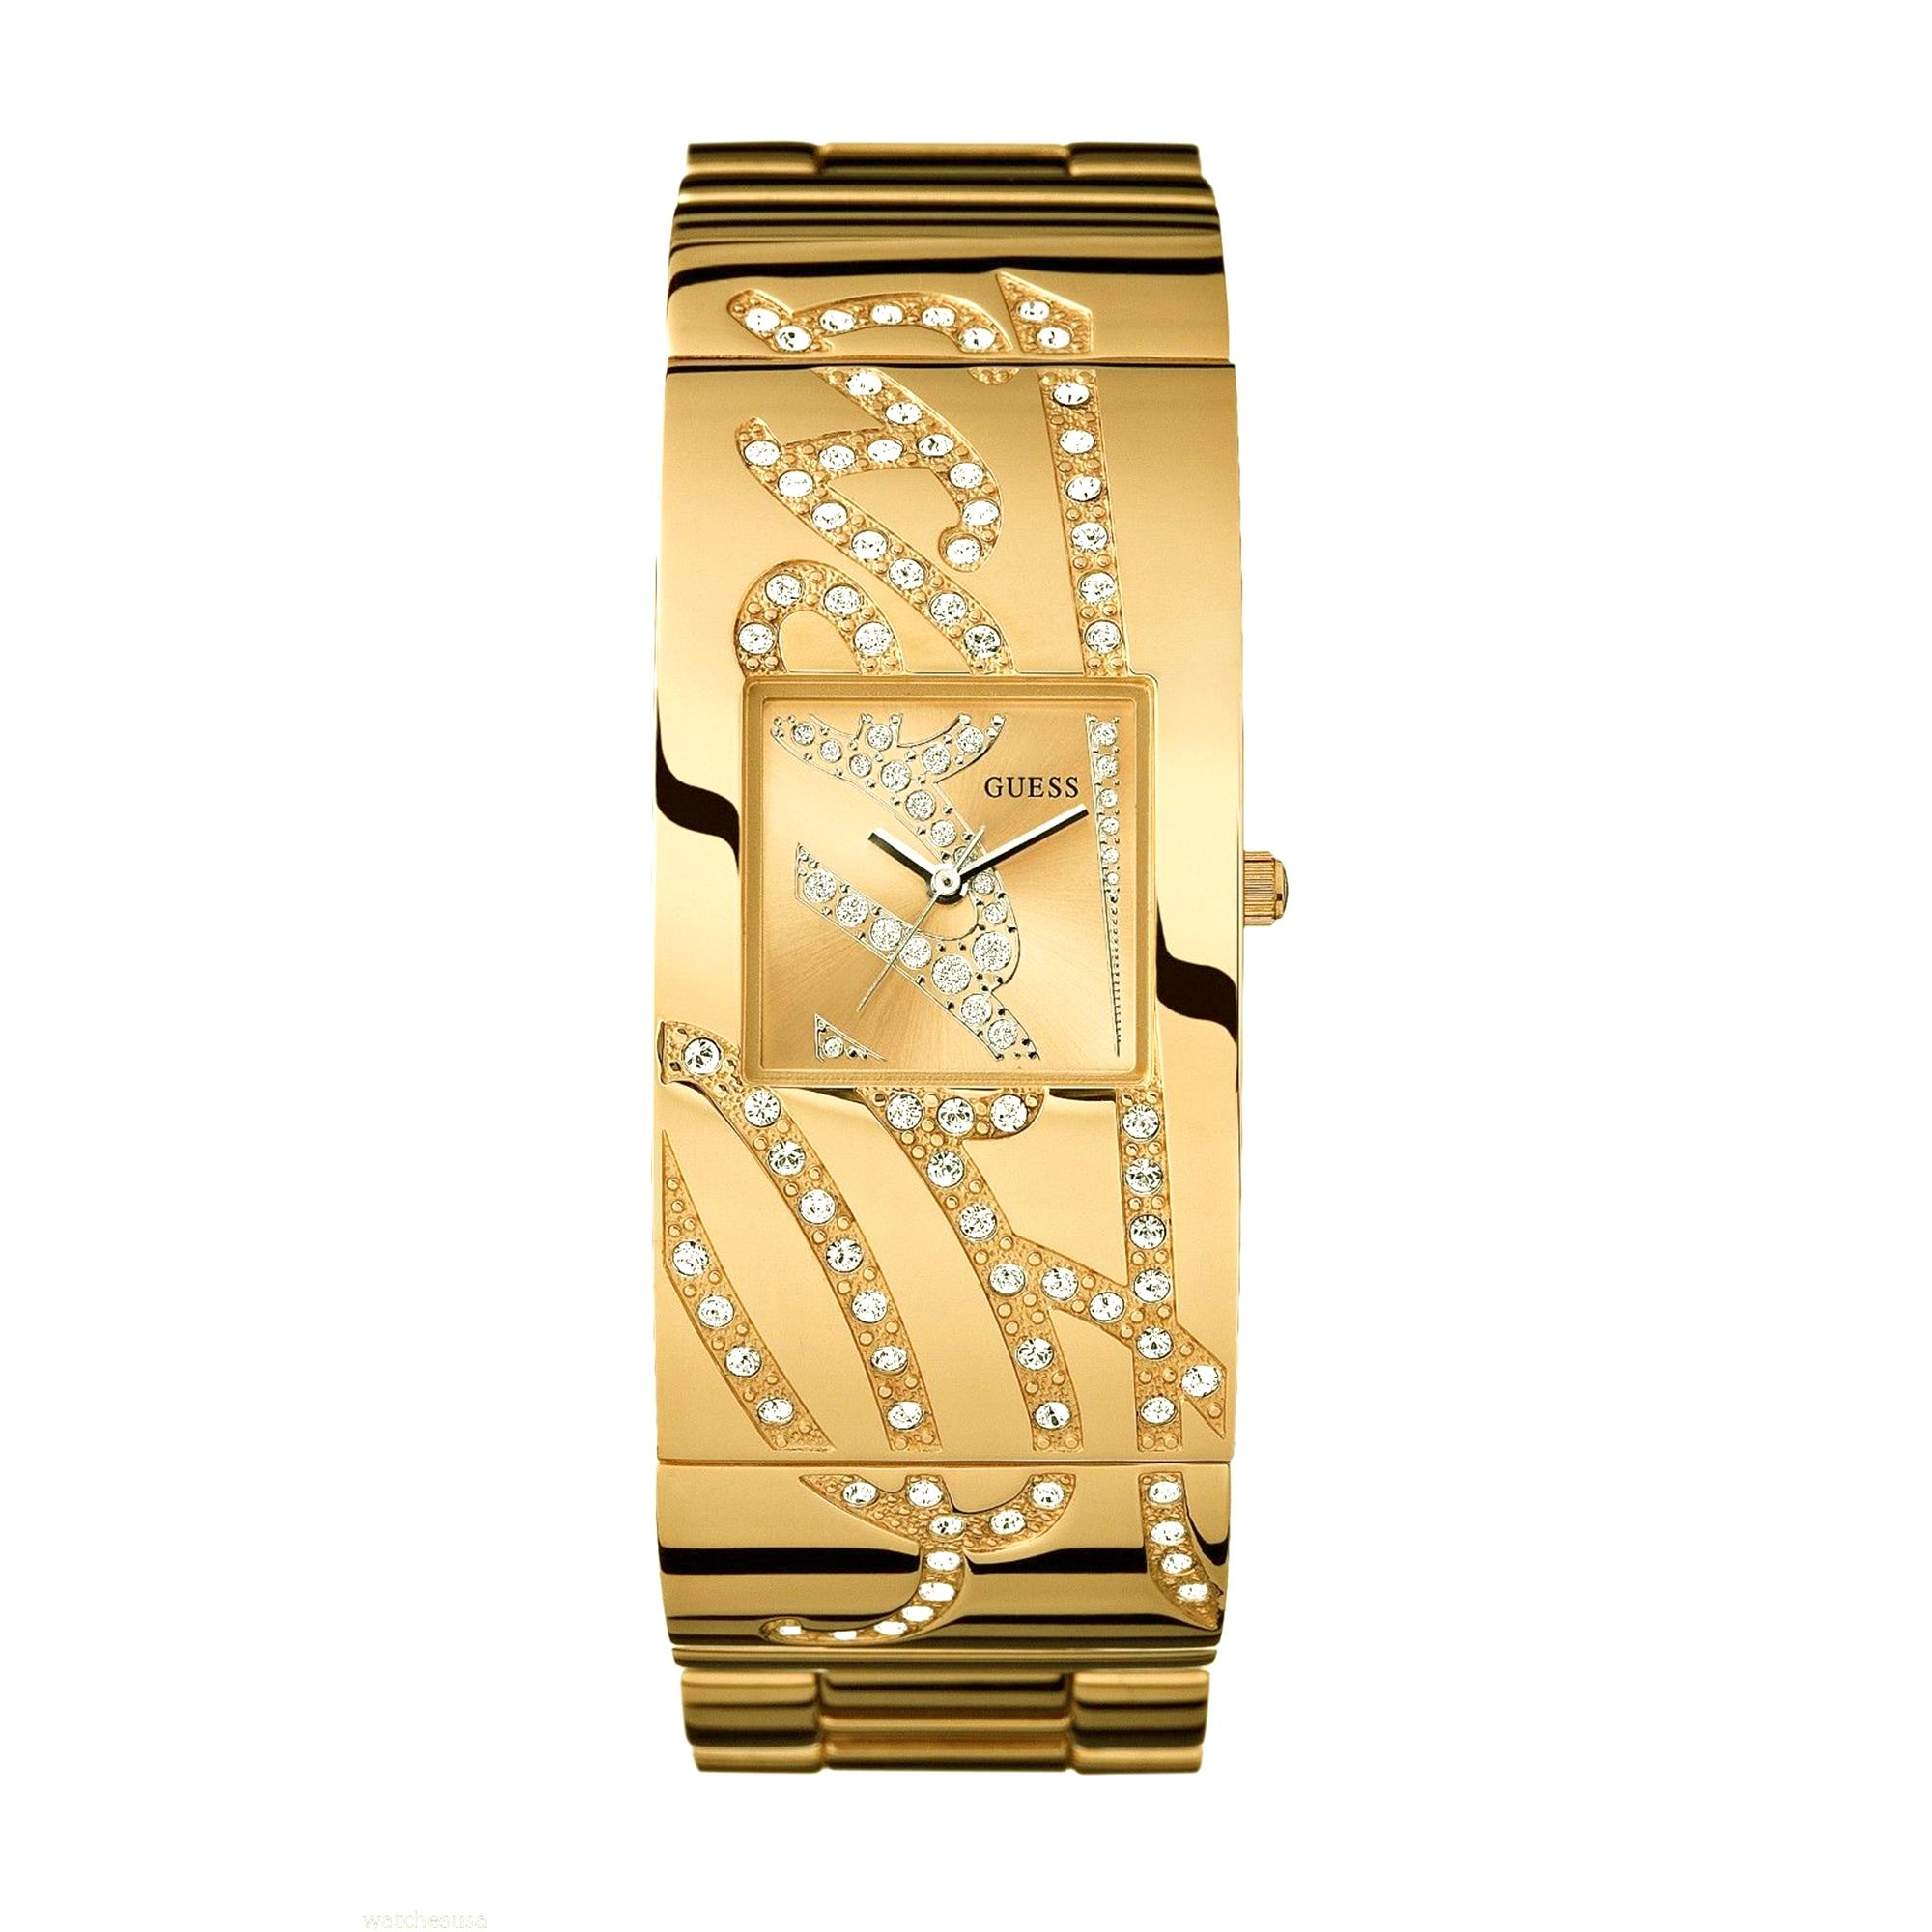 ساعت مچی عقربه ای زنانه گس مدل W16558L1